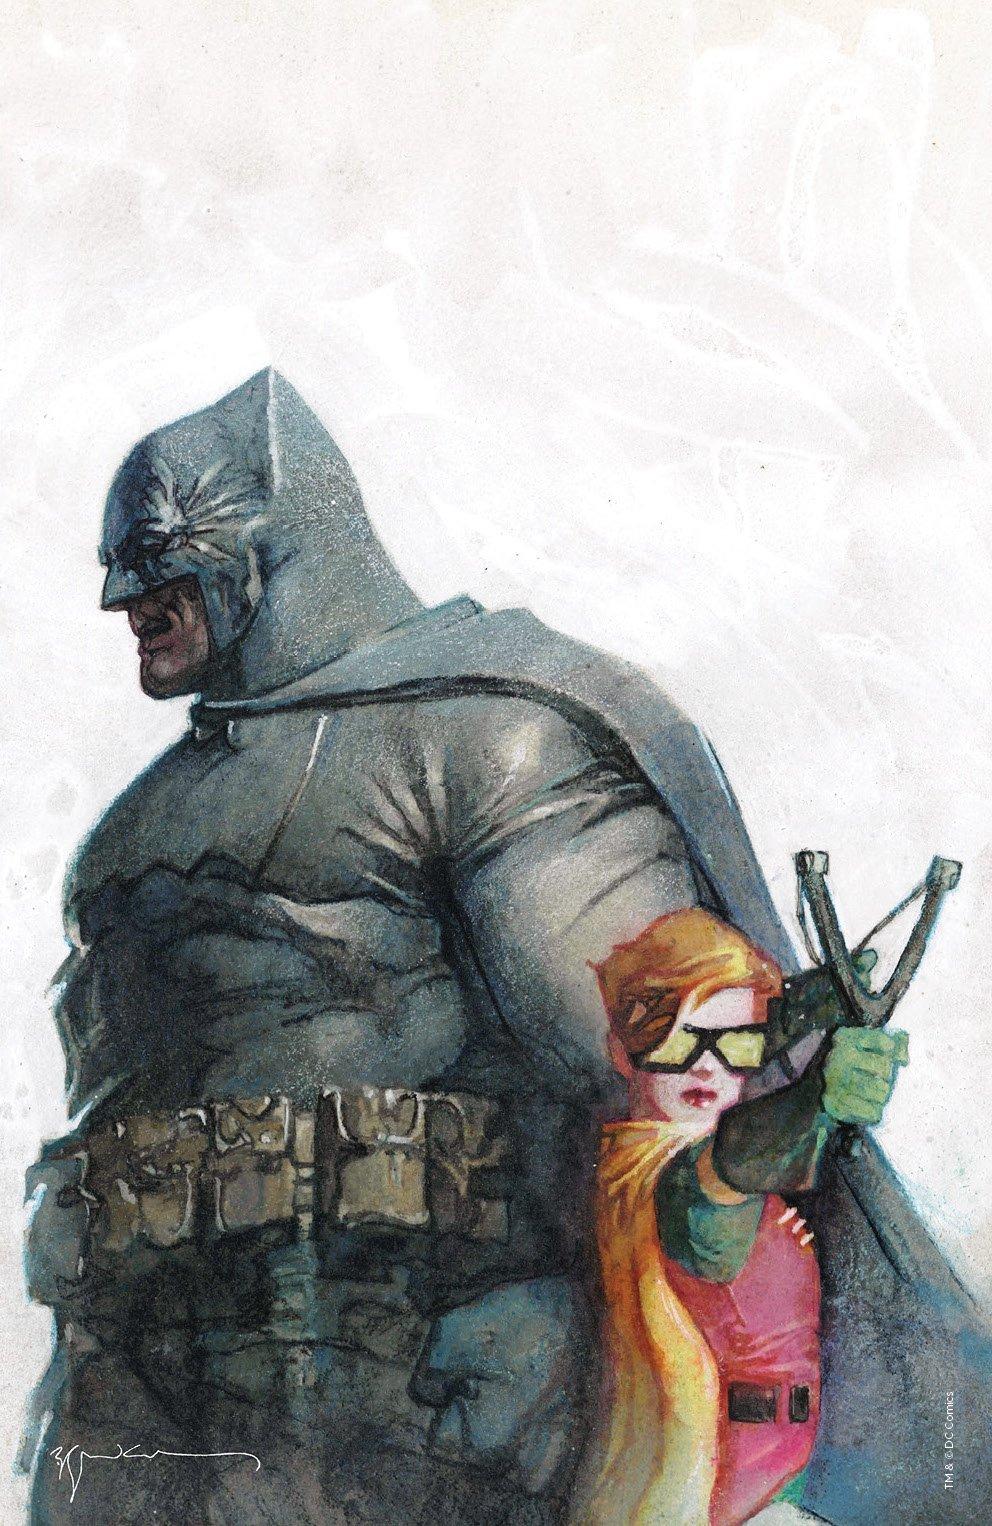 Detective Comics Vol 1 1000 Textless Sienkiewicz DKR Variant.jpg